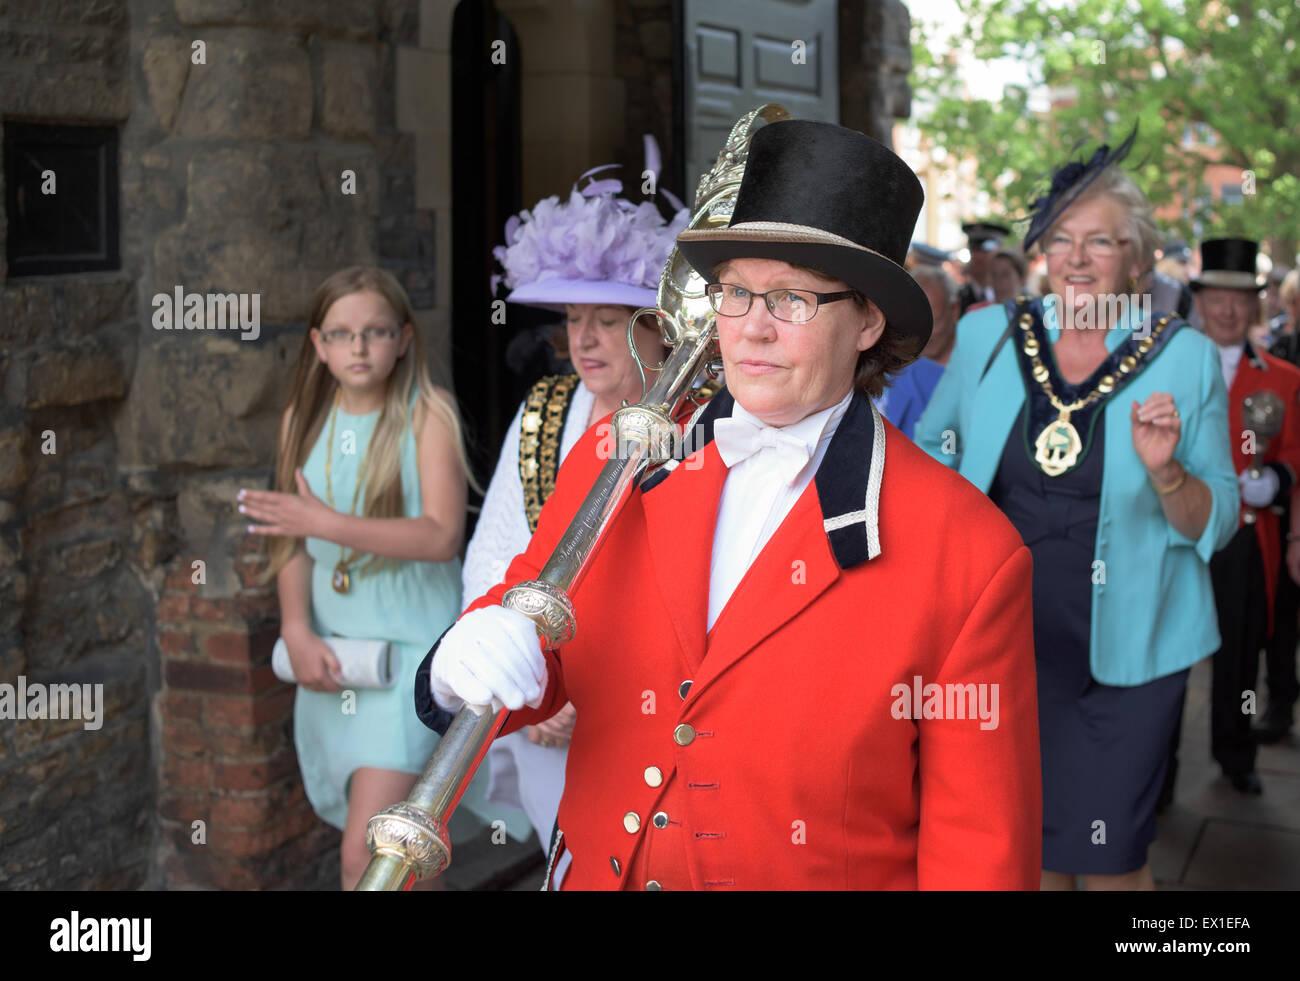 Nottingham, Reino Unido. 04 Julio, 2015. Consejero Jackie Morris es juramentado como nuevo alcalde, también Imagen De Stock